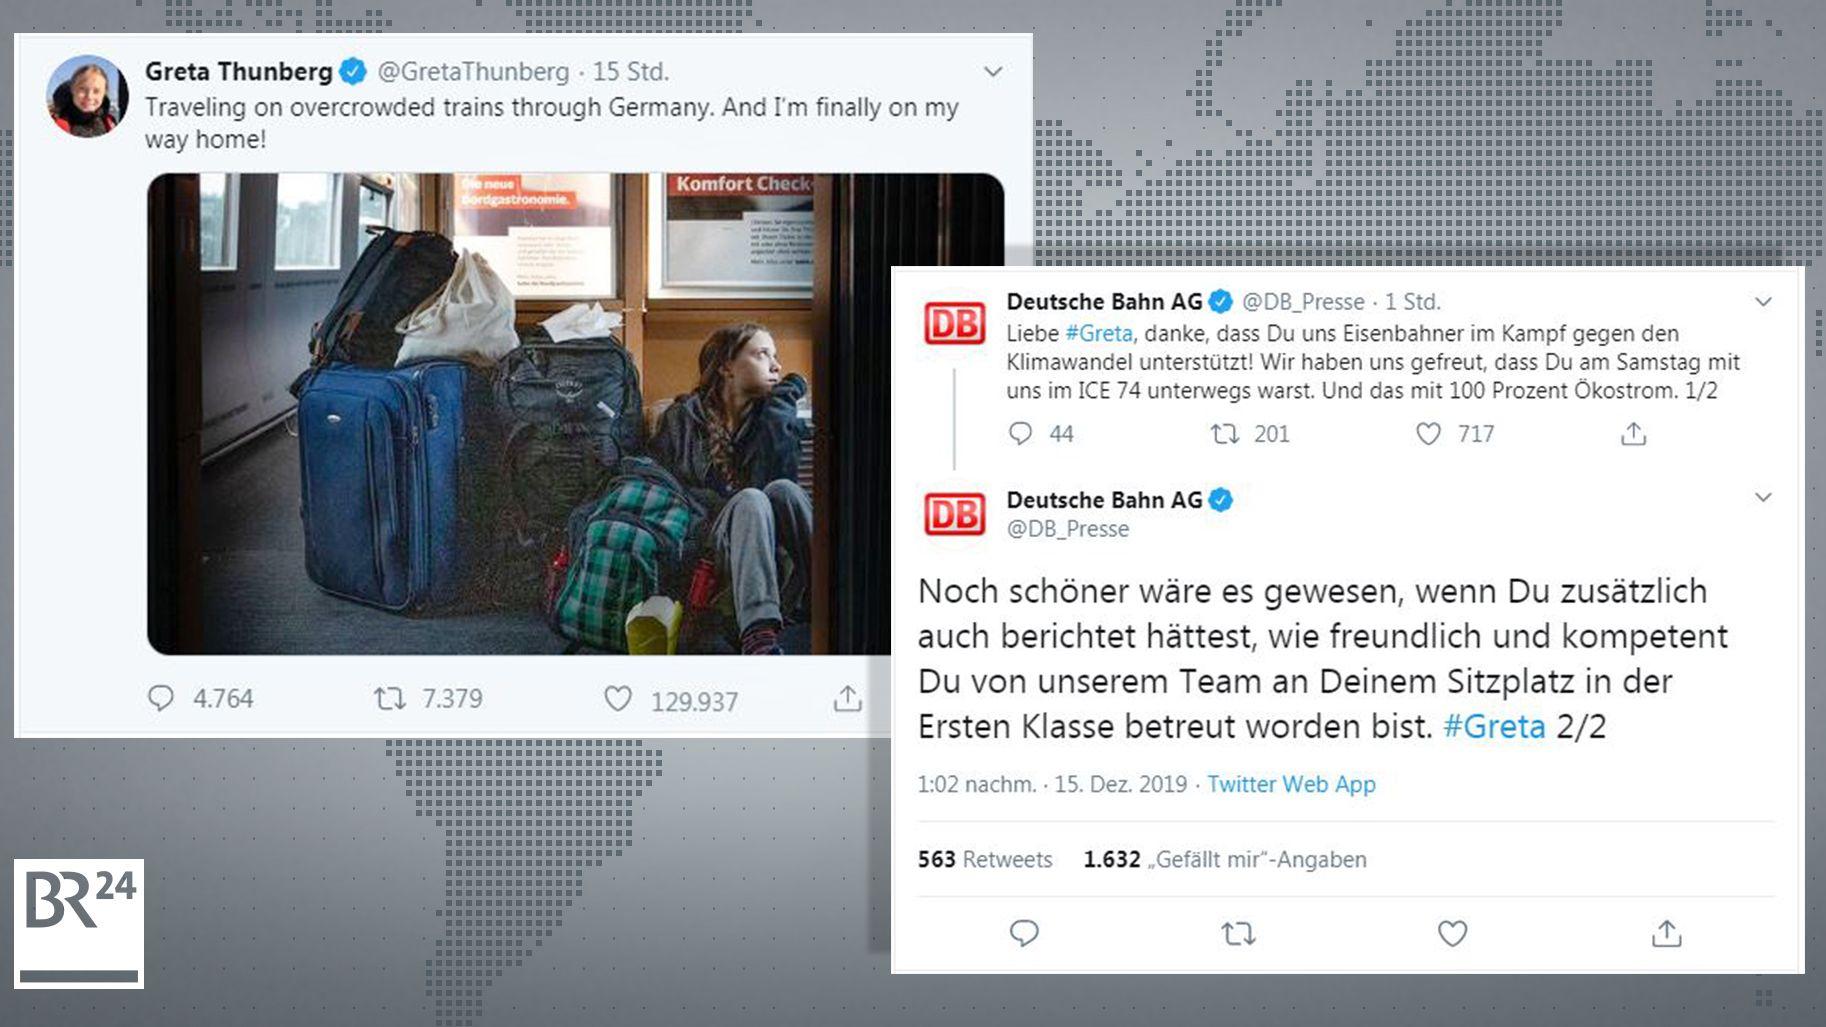 Posts von Greta Thunberg und der Deutschen Bahn beim Nachrichtendienst Twitter